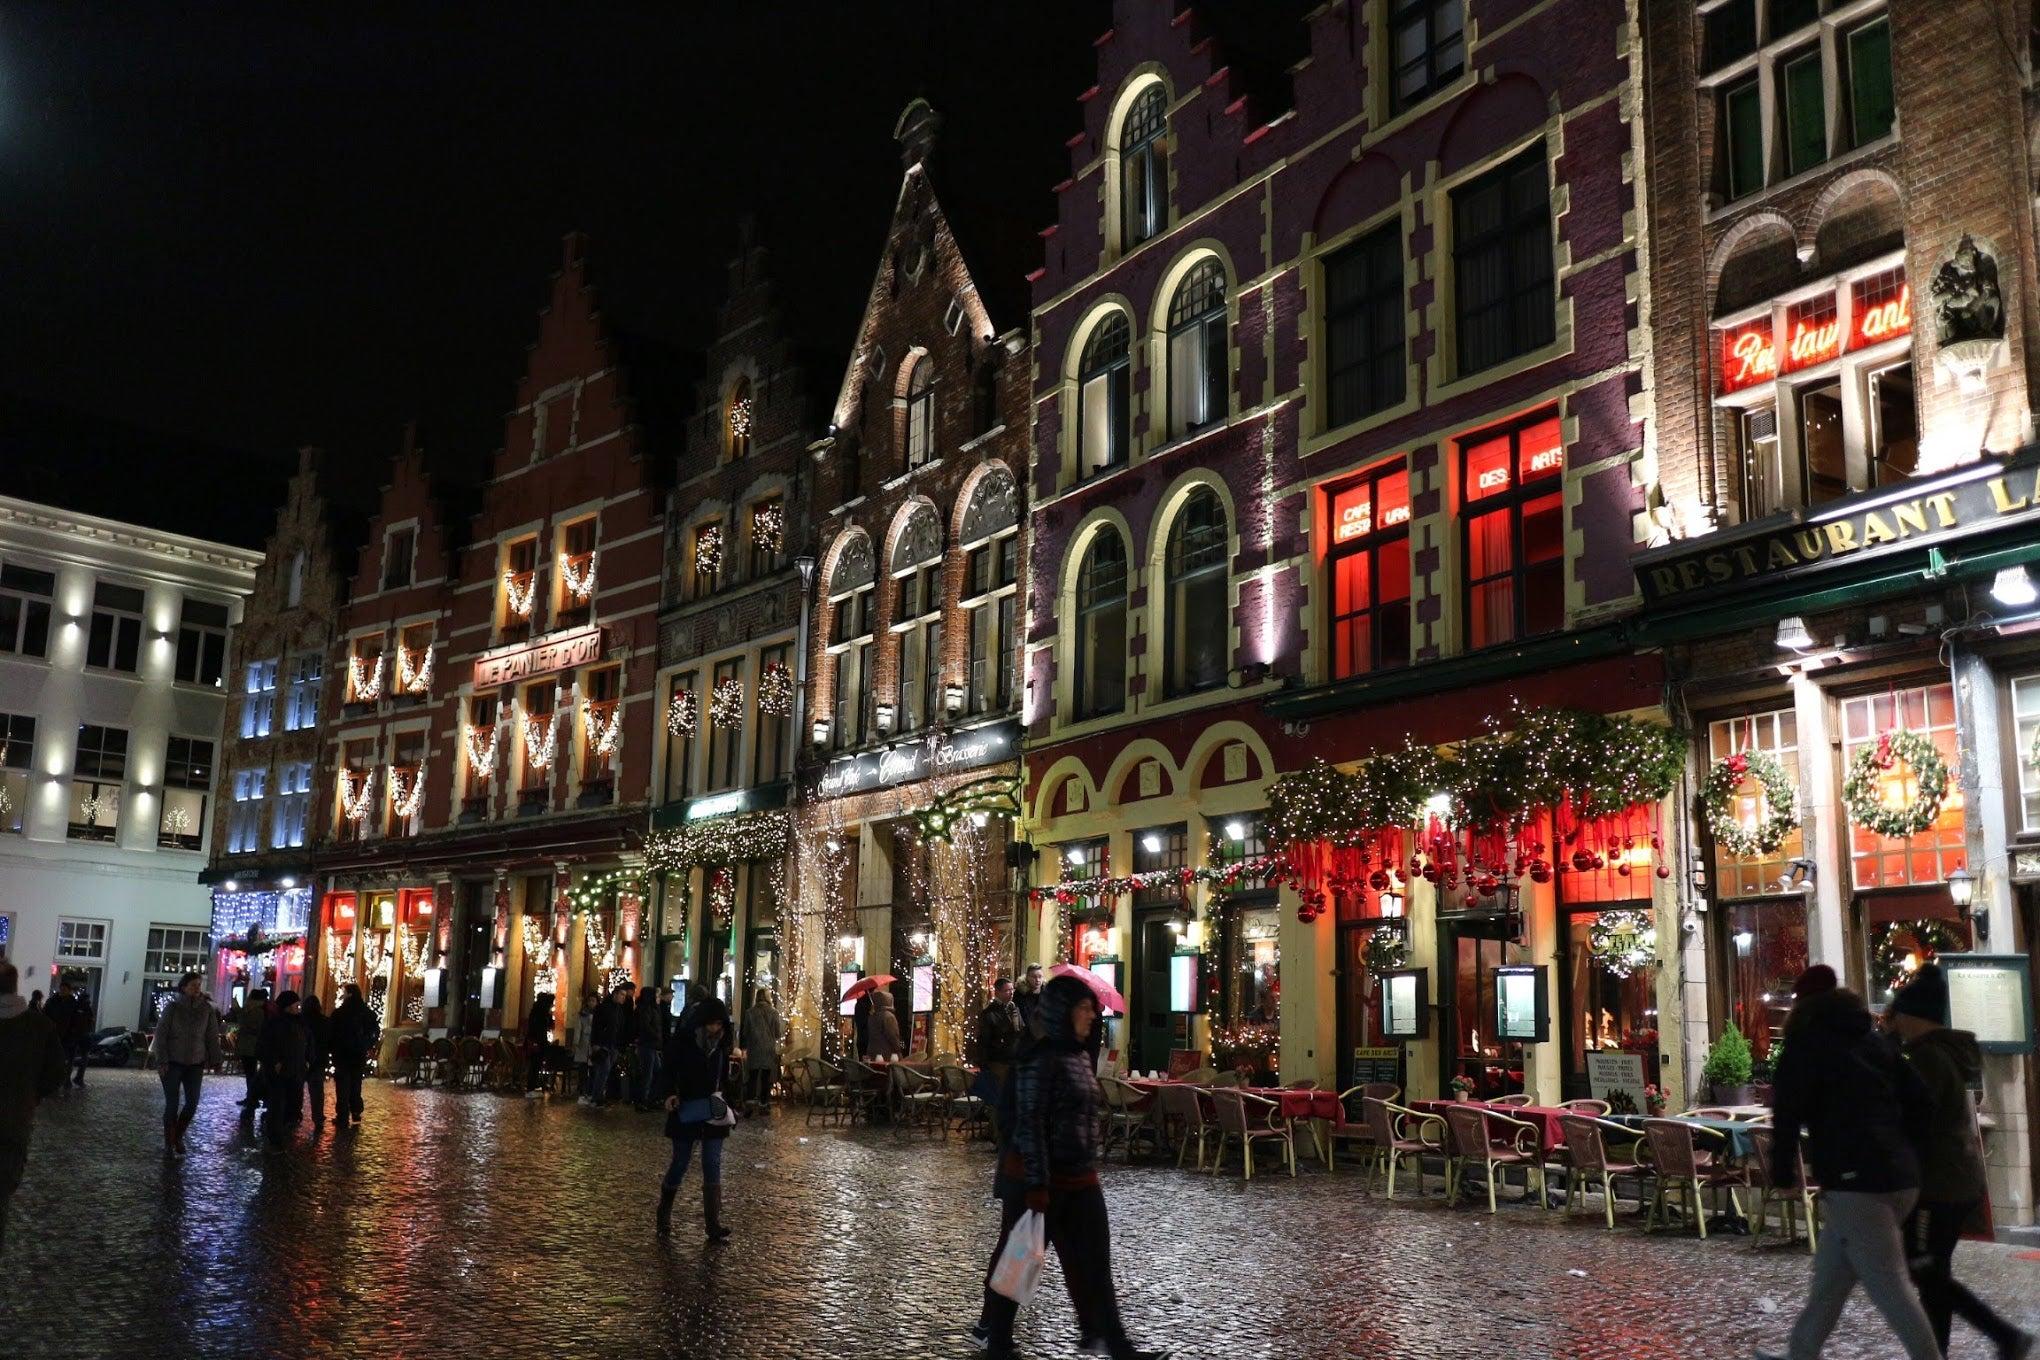 ベルギー・ブリュージュ「マルクト広場」